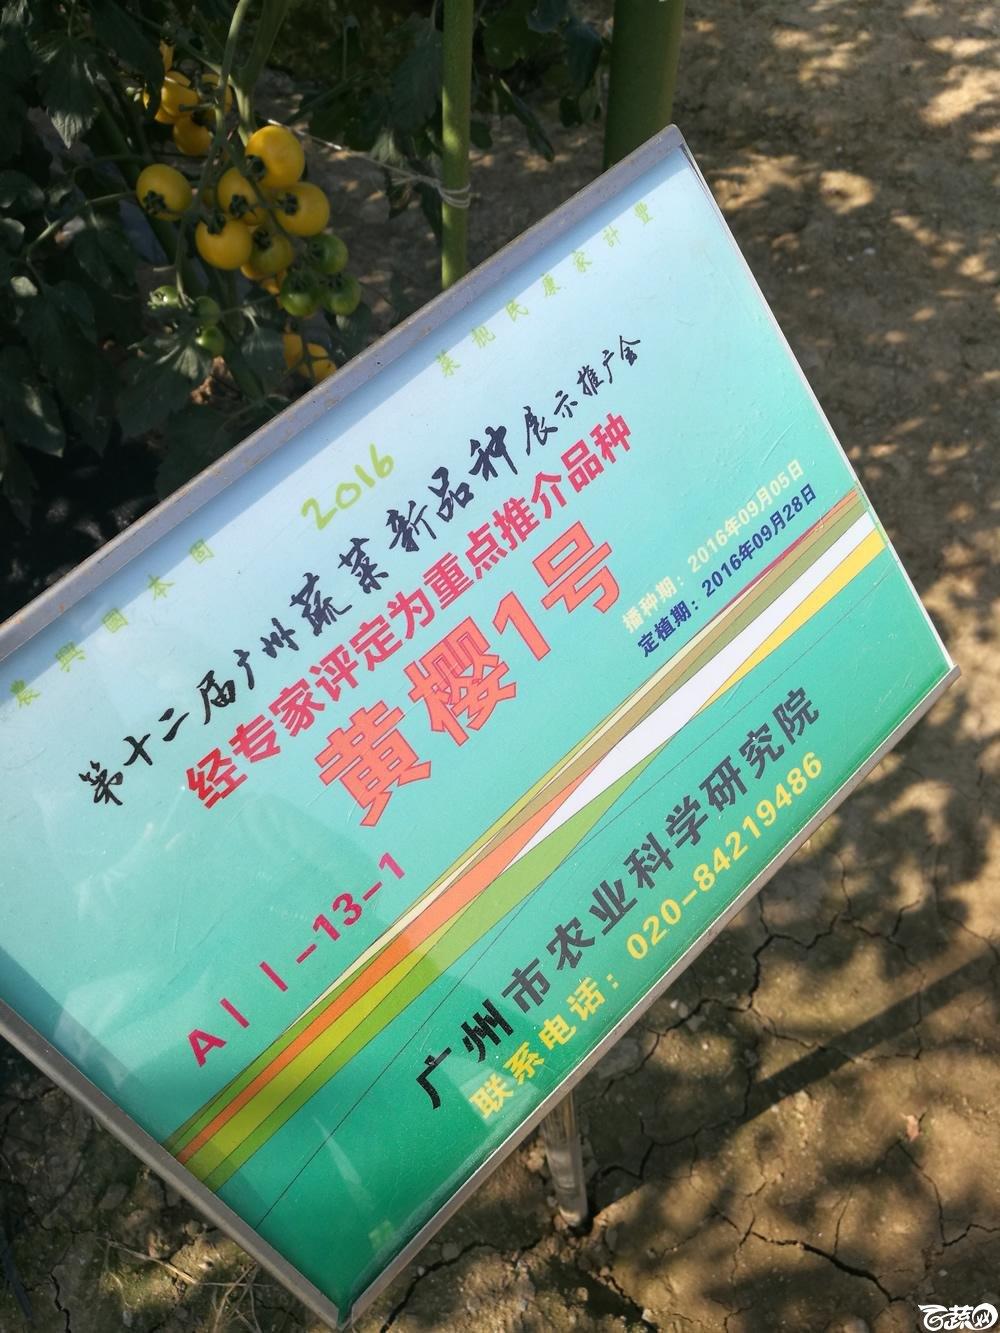 第十二届广州蔬菜展示会专家重点推荐品种,广州市农科院黄樱一号_001.jpg